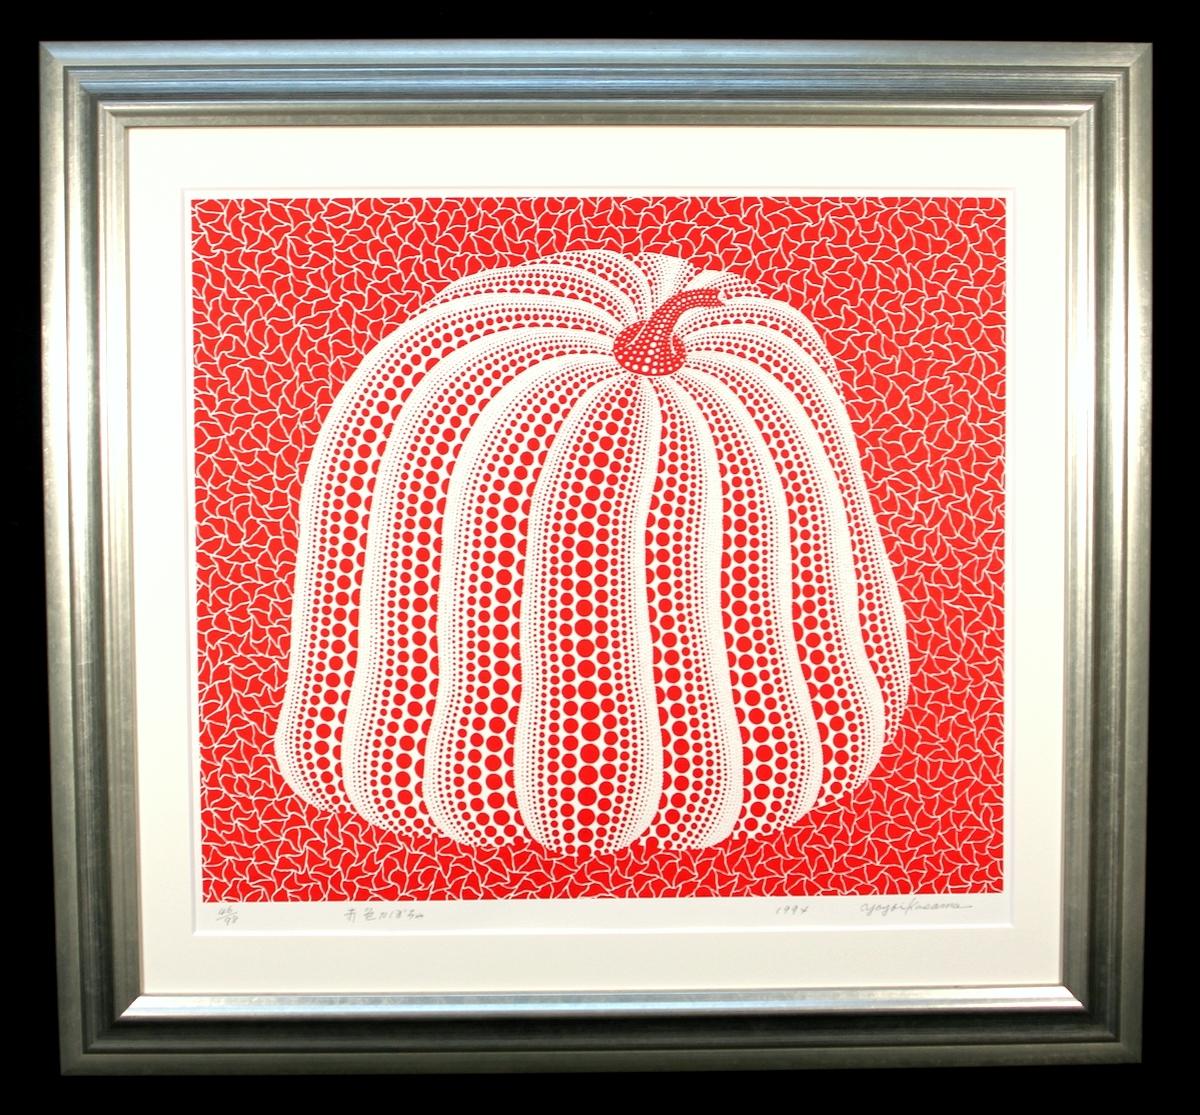 草間彌生風 ■ 赤色かぼちゃ ■ シルクスクリーン ■ かぼちゃ 赤色 ■ 黄袋・差し箱・新品額